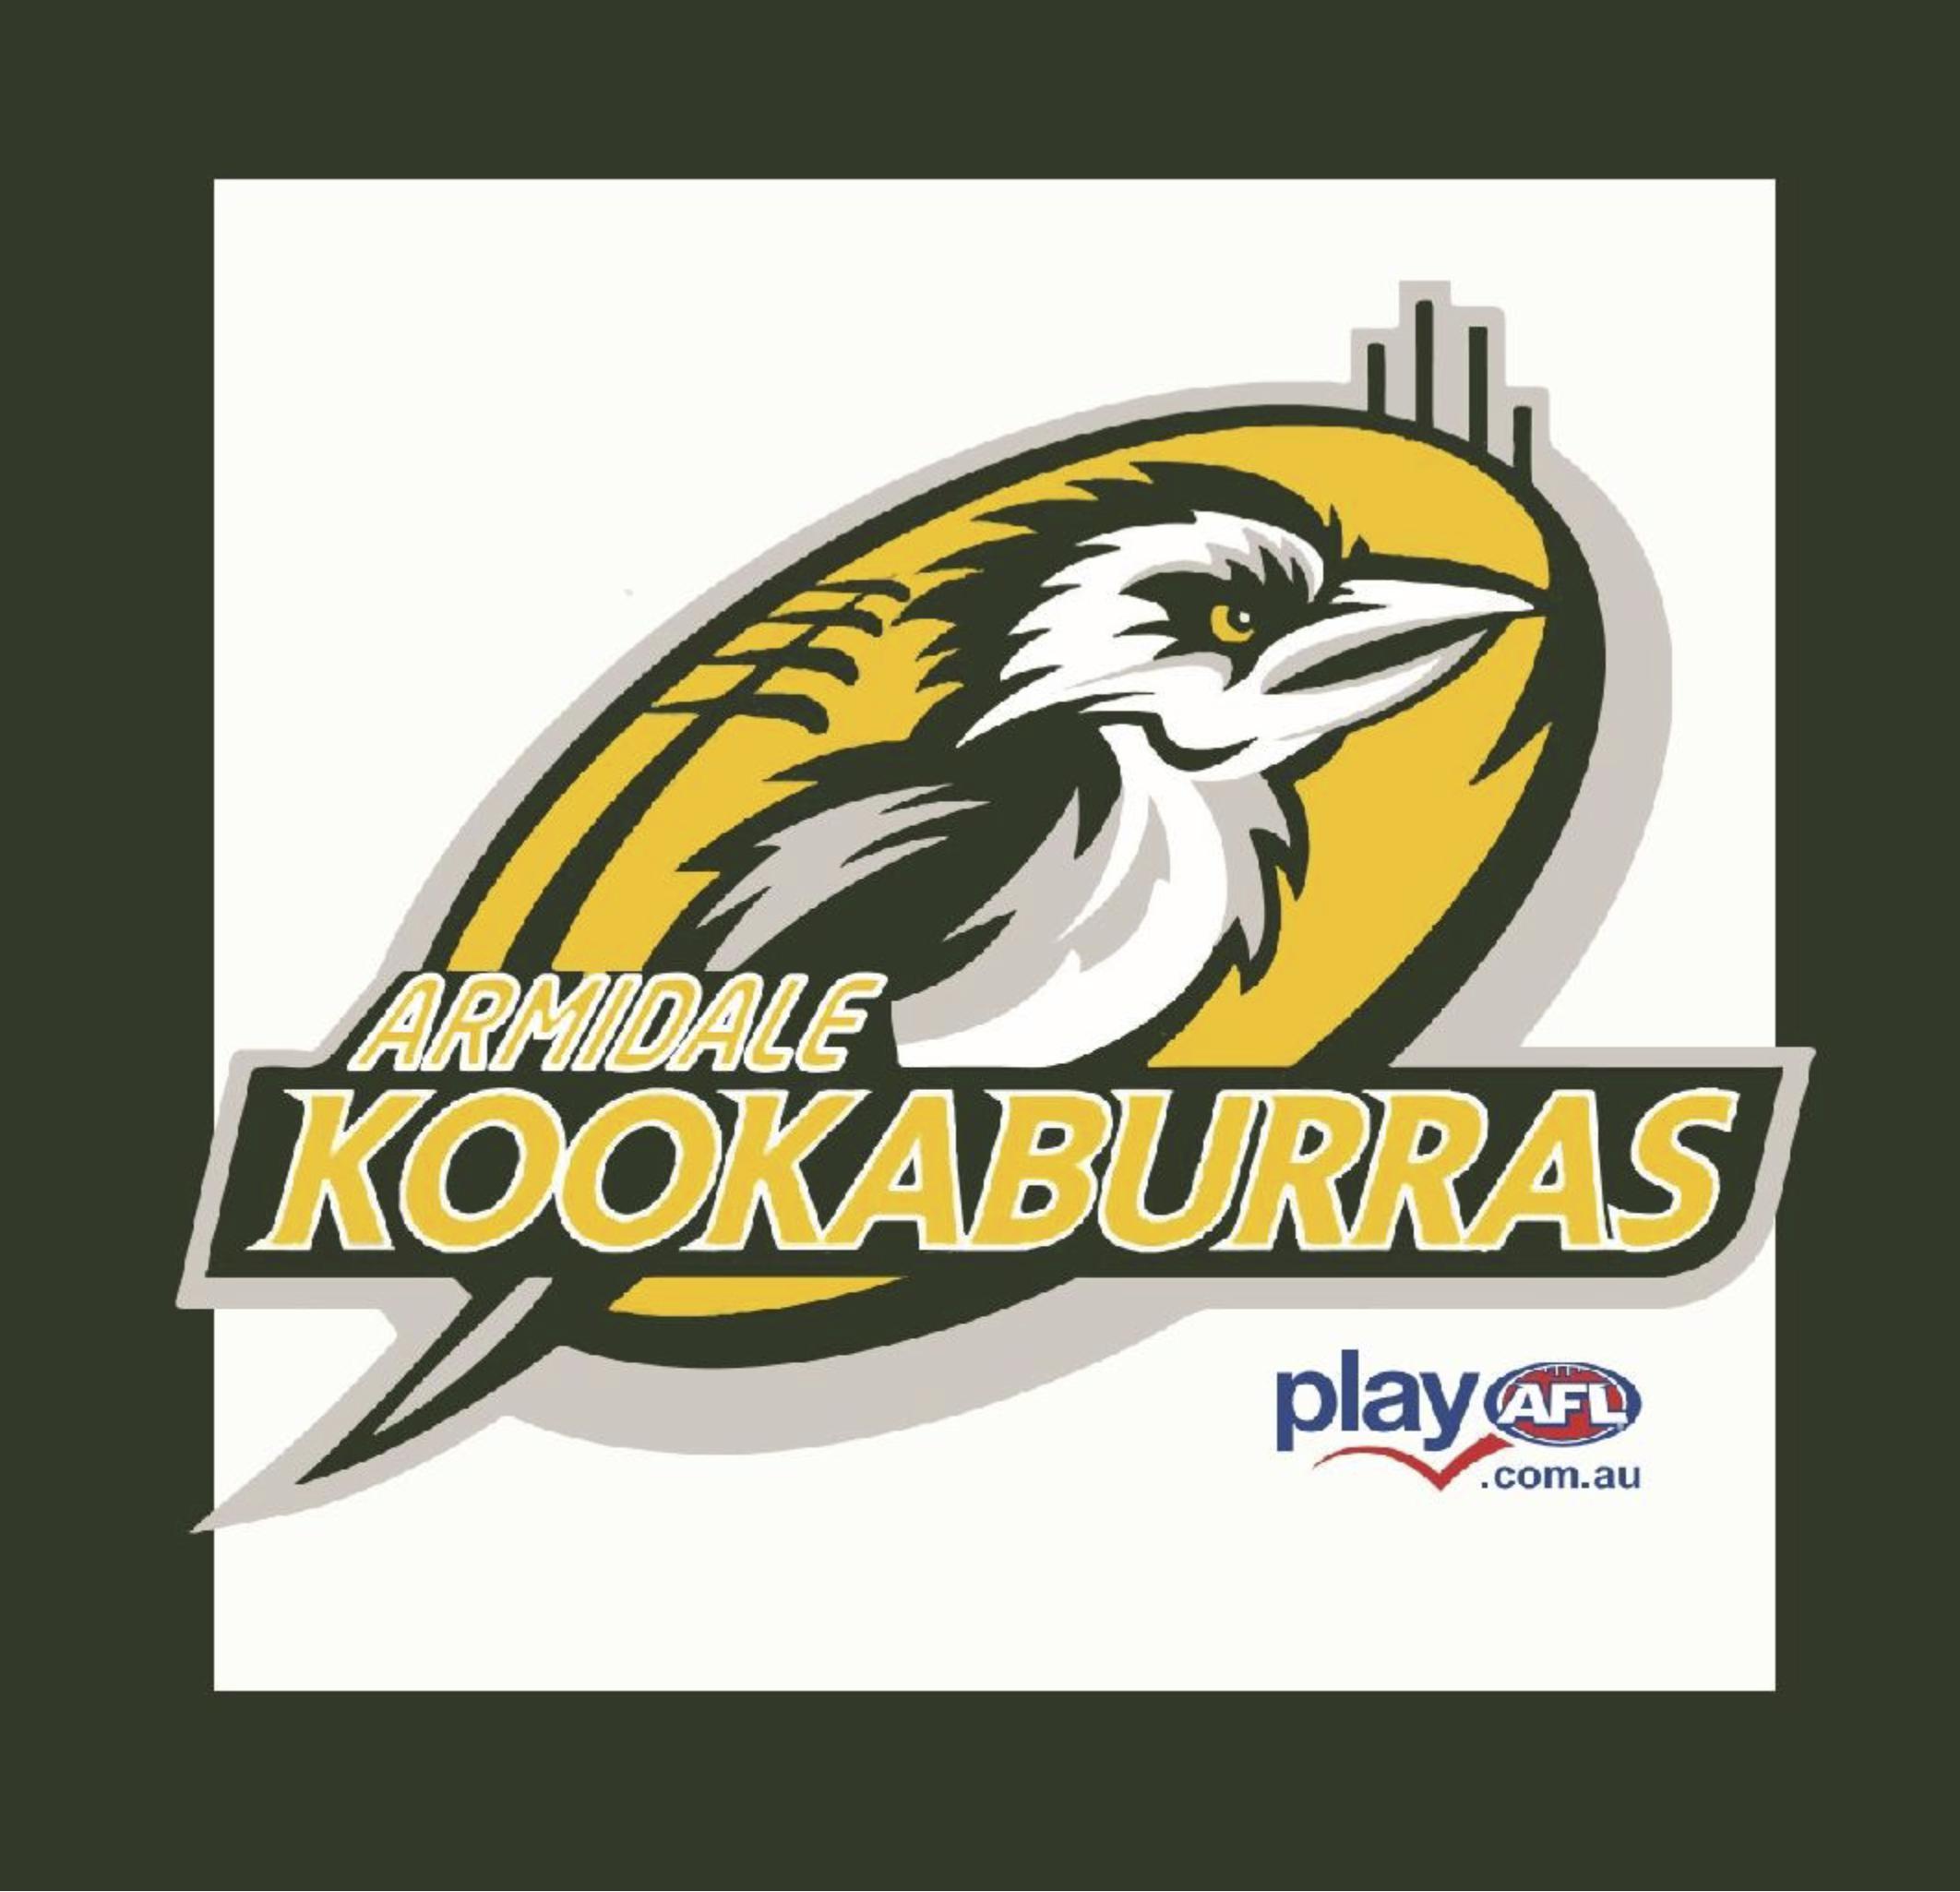 Auskick Armidale Kookaburras logo